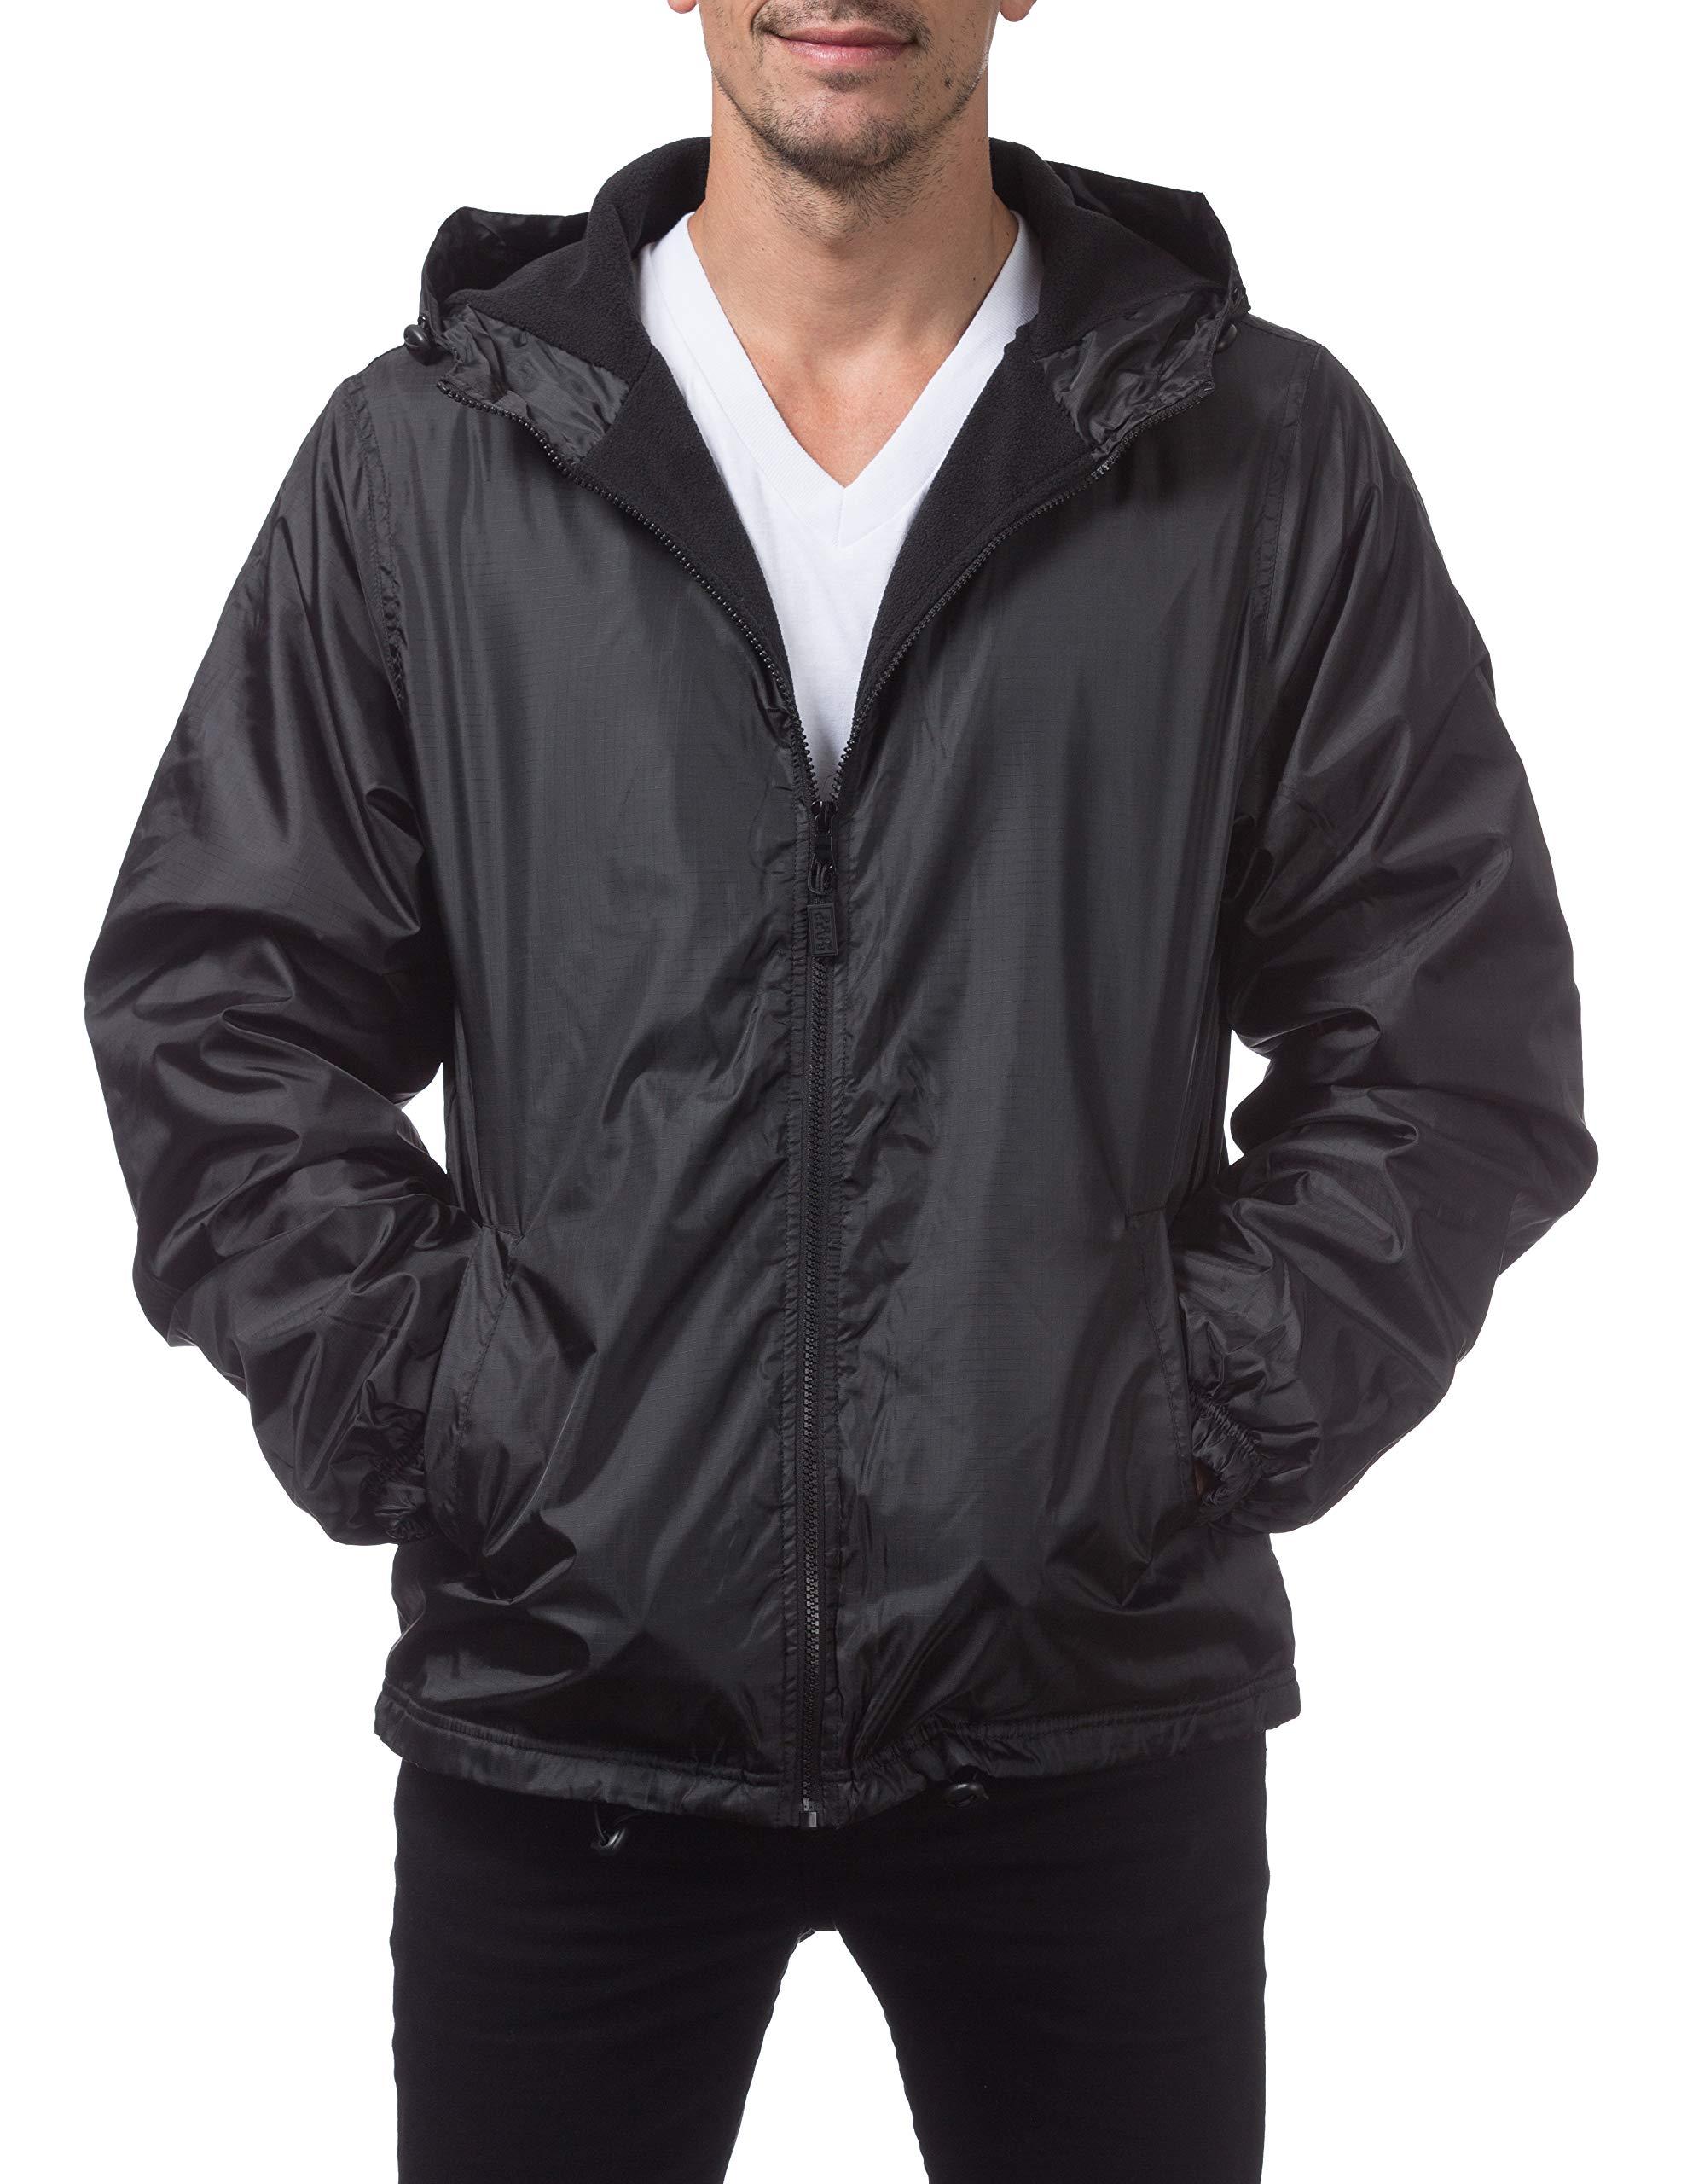 Pro Club Men's Fleece Lined Windbreaker Jacket, 2X-Large, Black by Pro Club